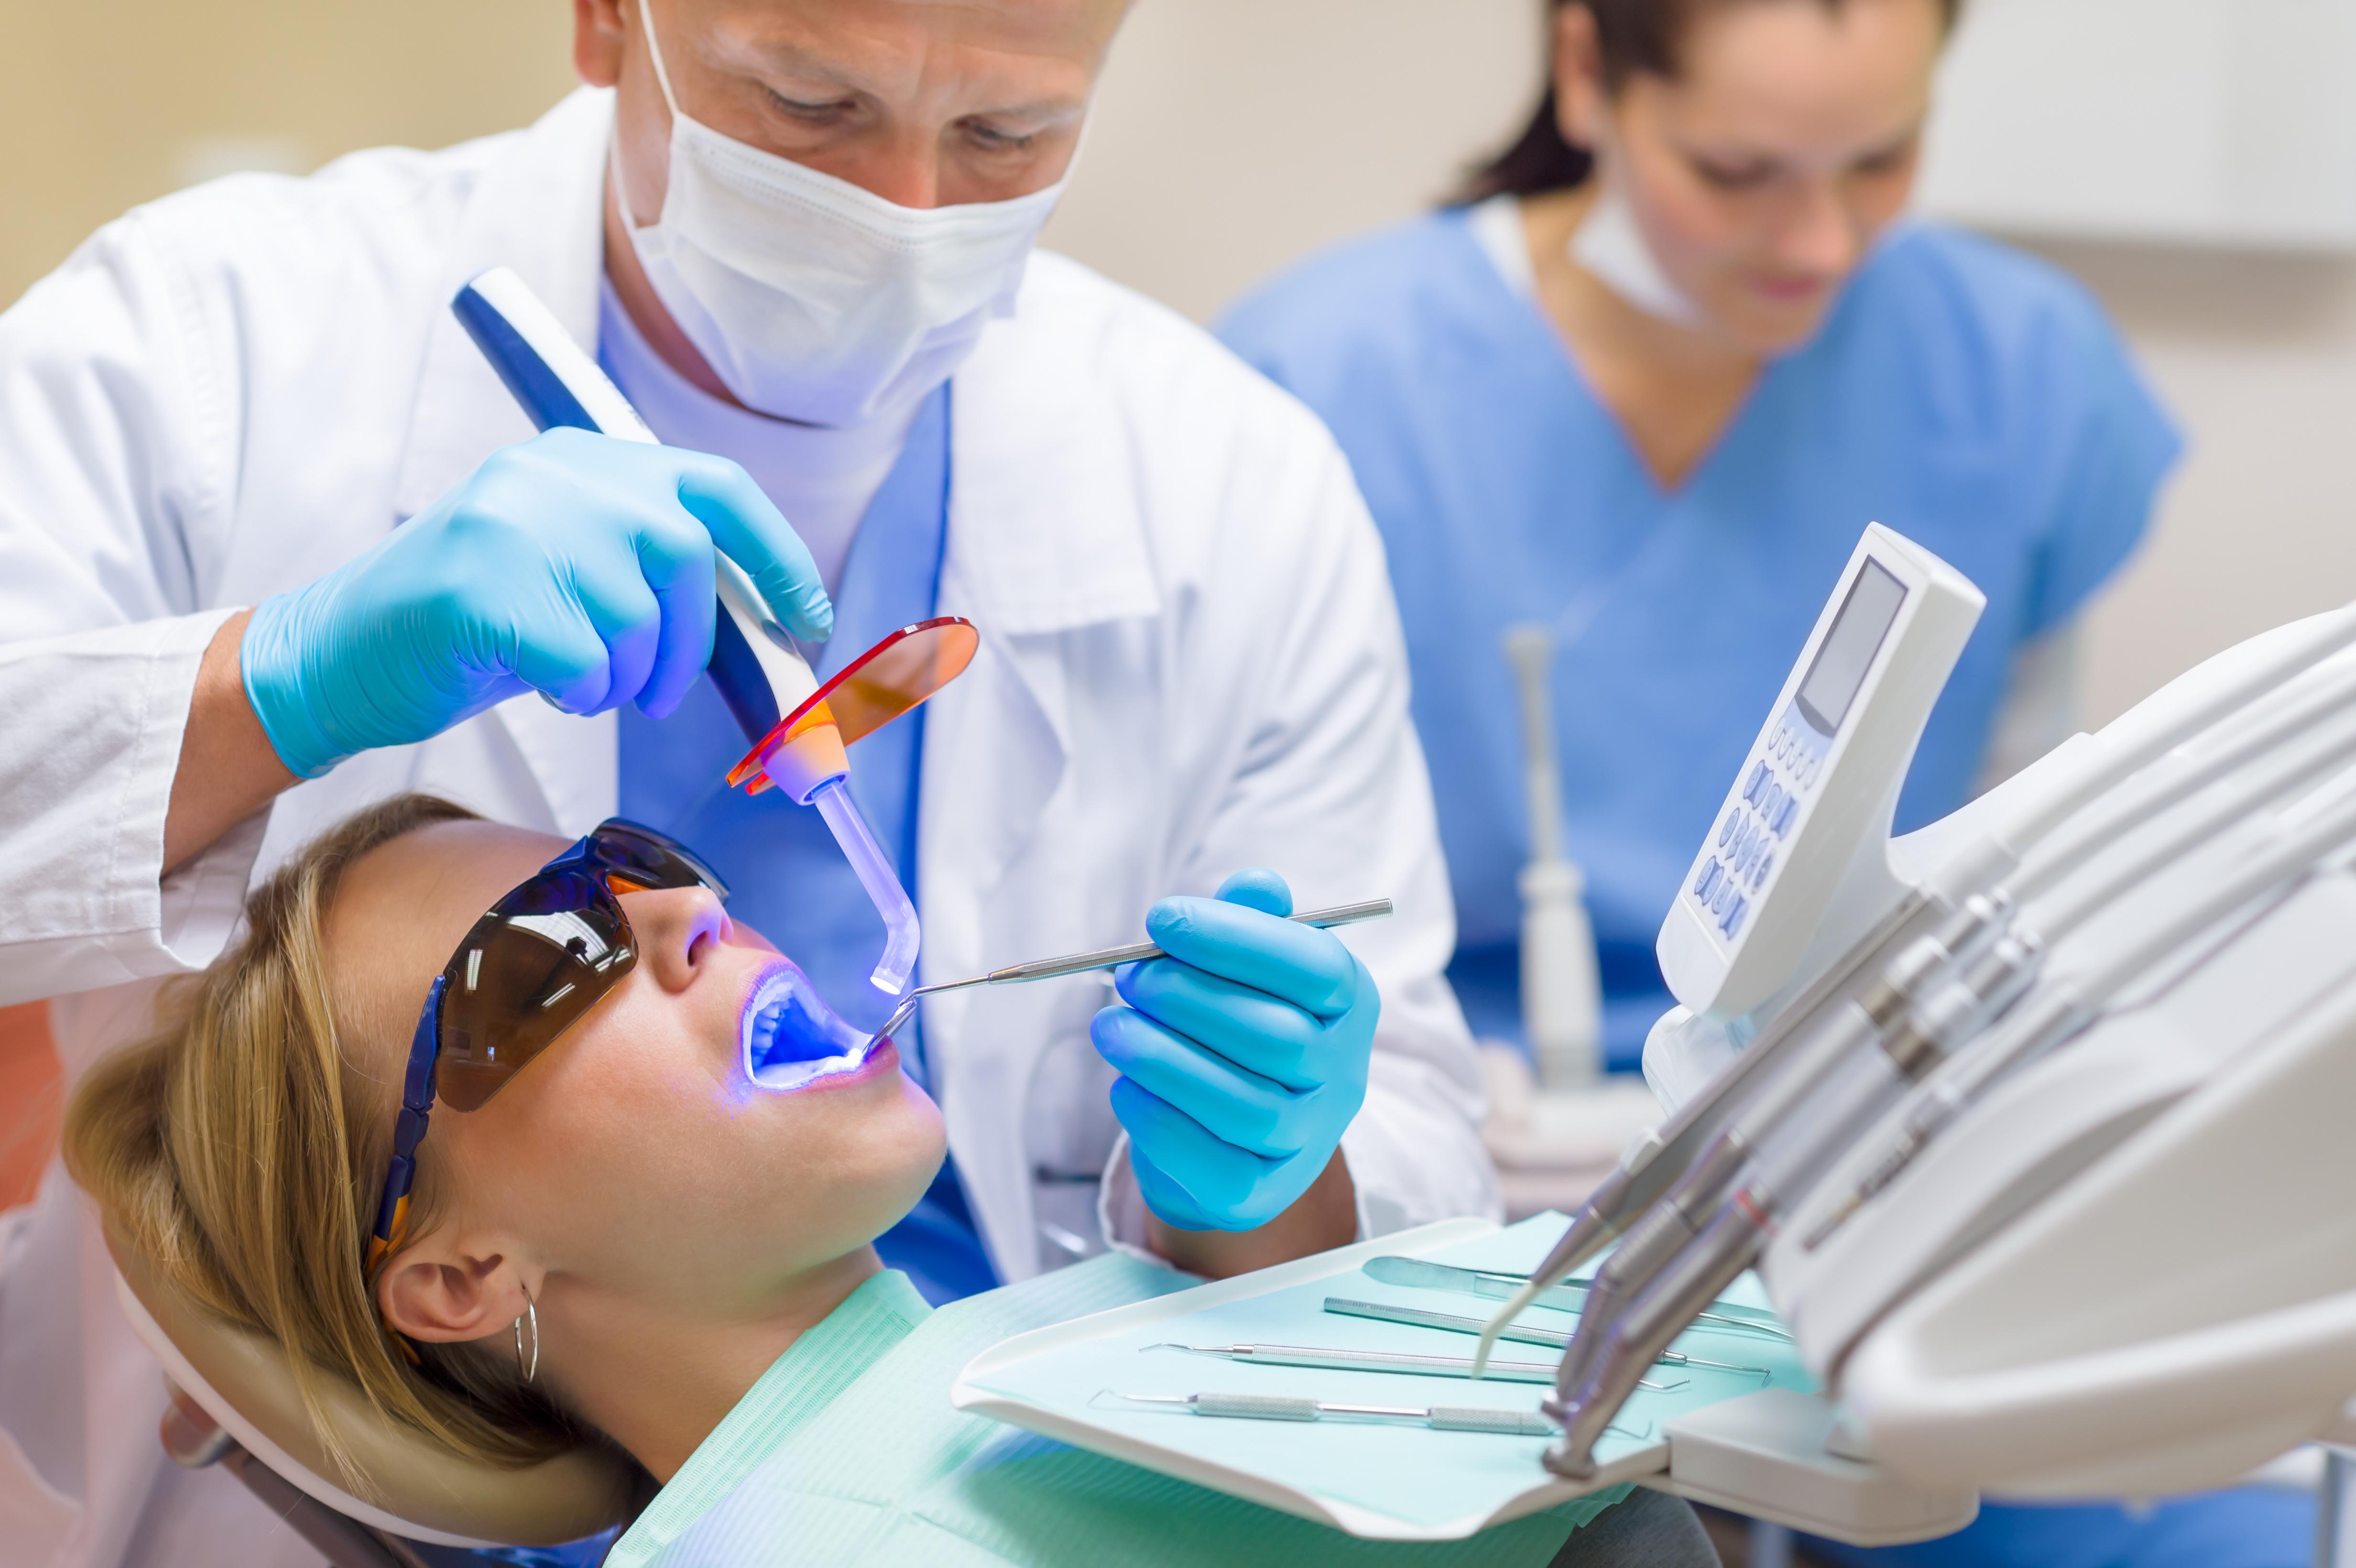 Pourquoi les soins dentaires sont-ils si chers ?